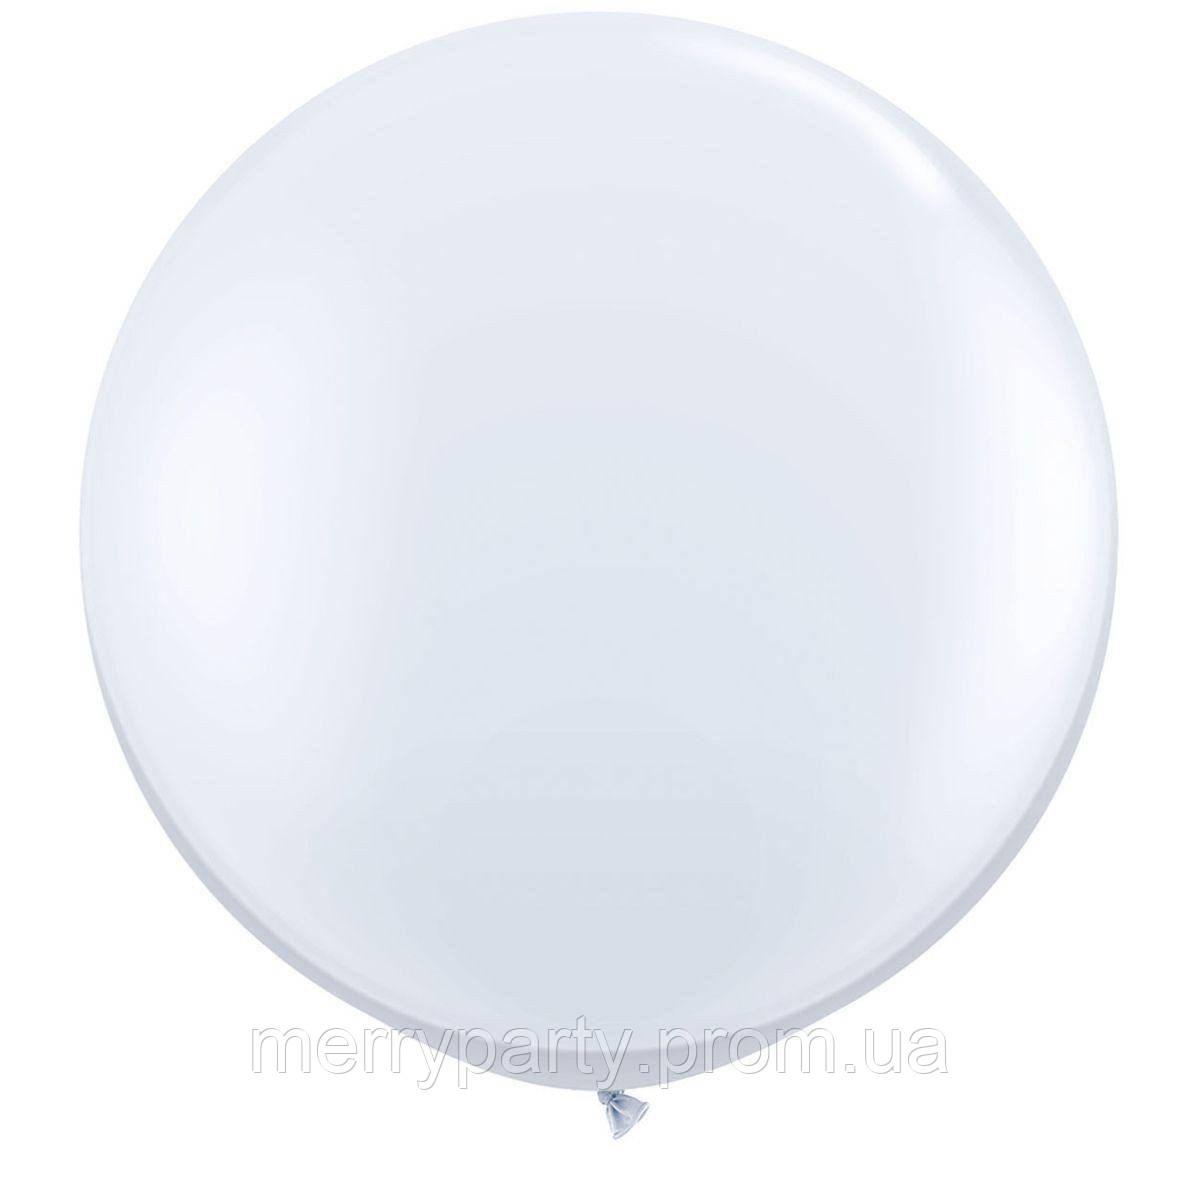 шара фото белого воздушного